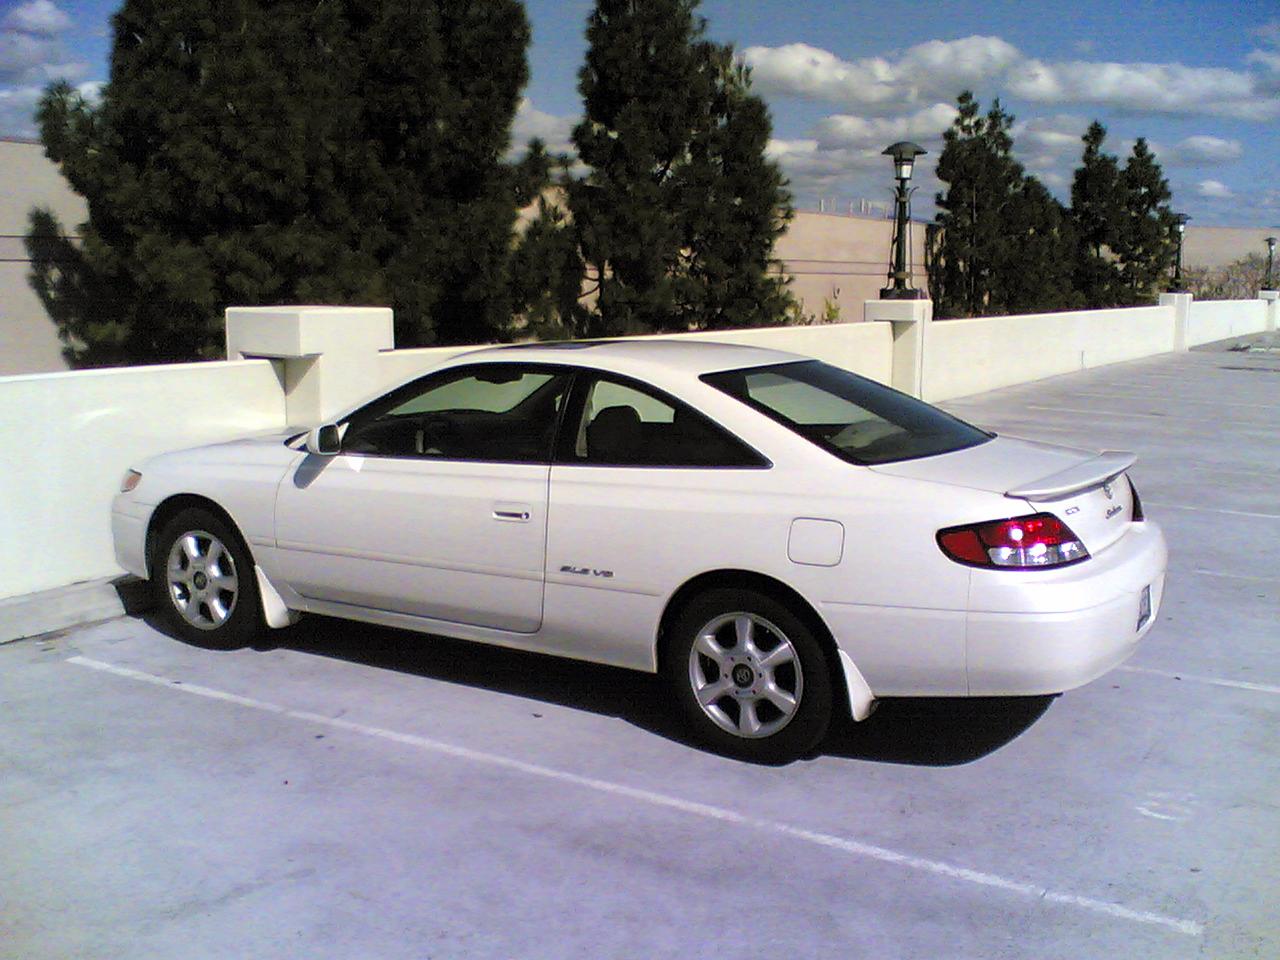 My Original 2001 Toyota Solara SLE V6